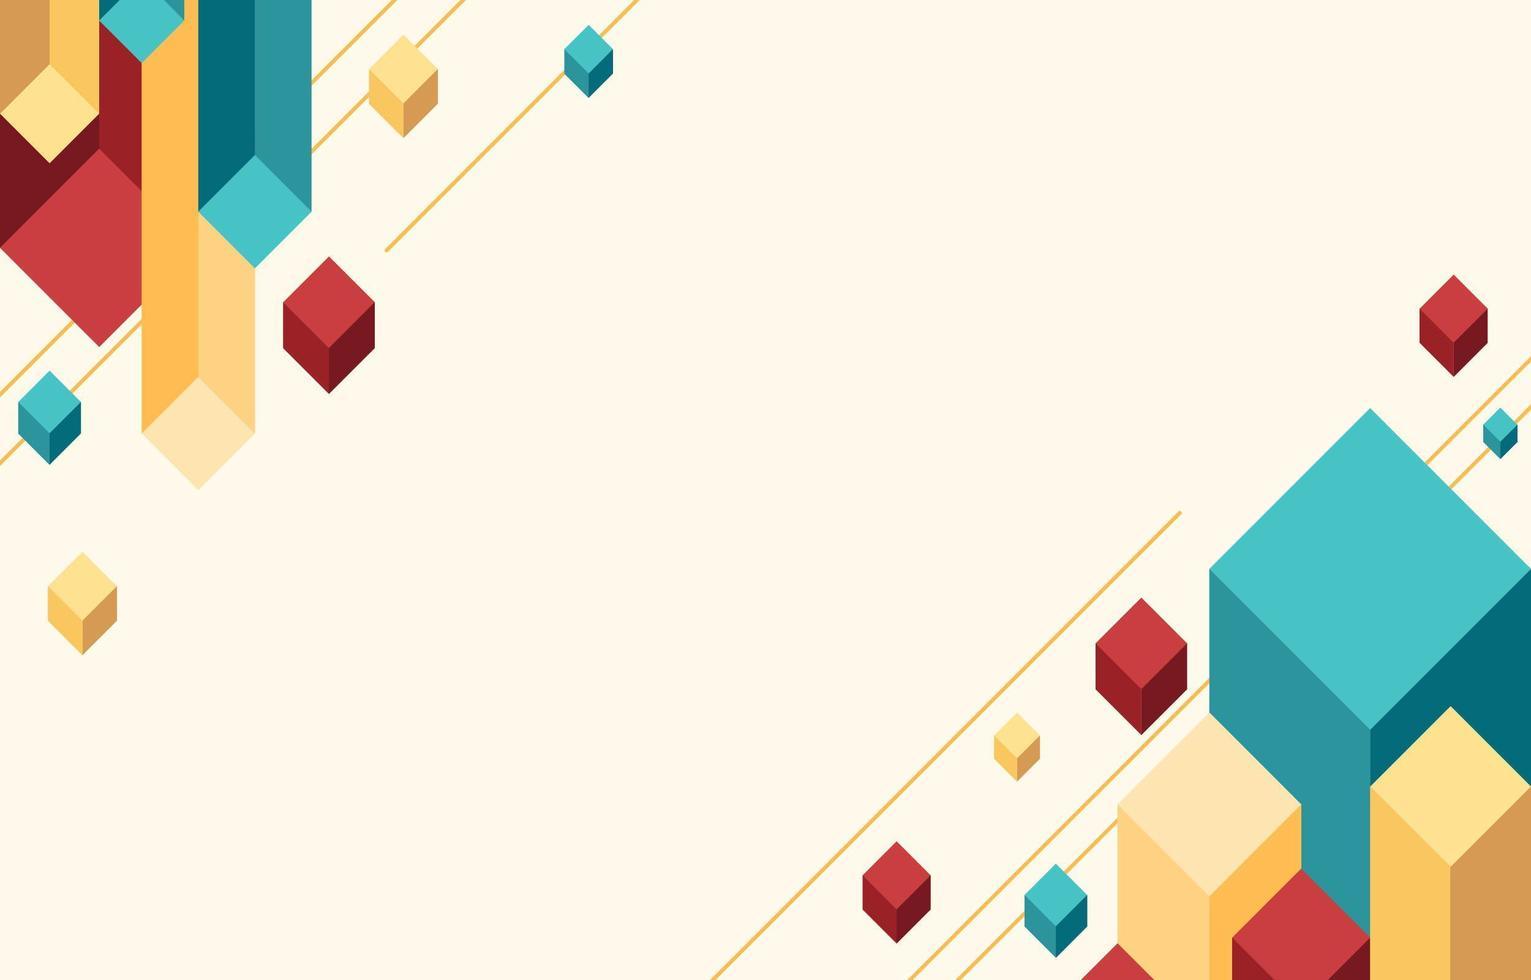 sfondo isometrico geometrico colorato vettore